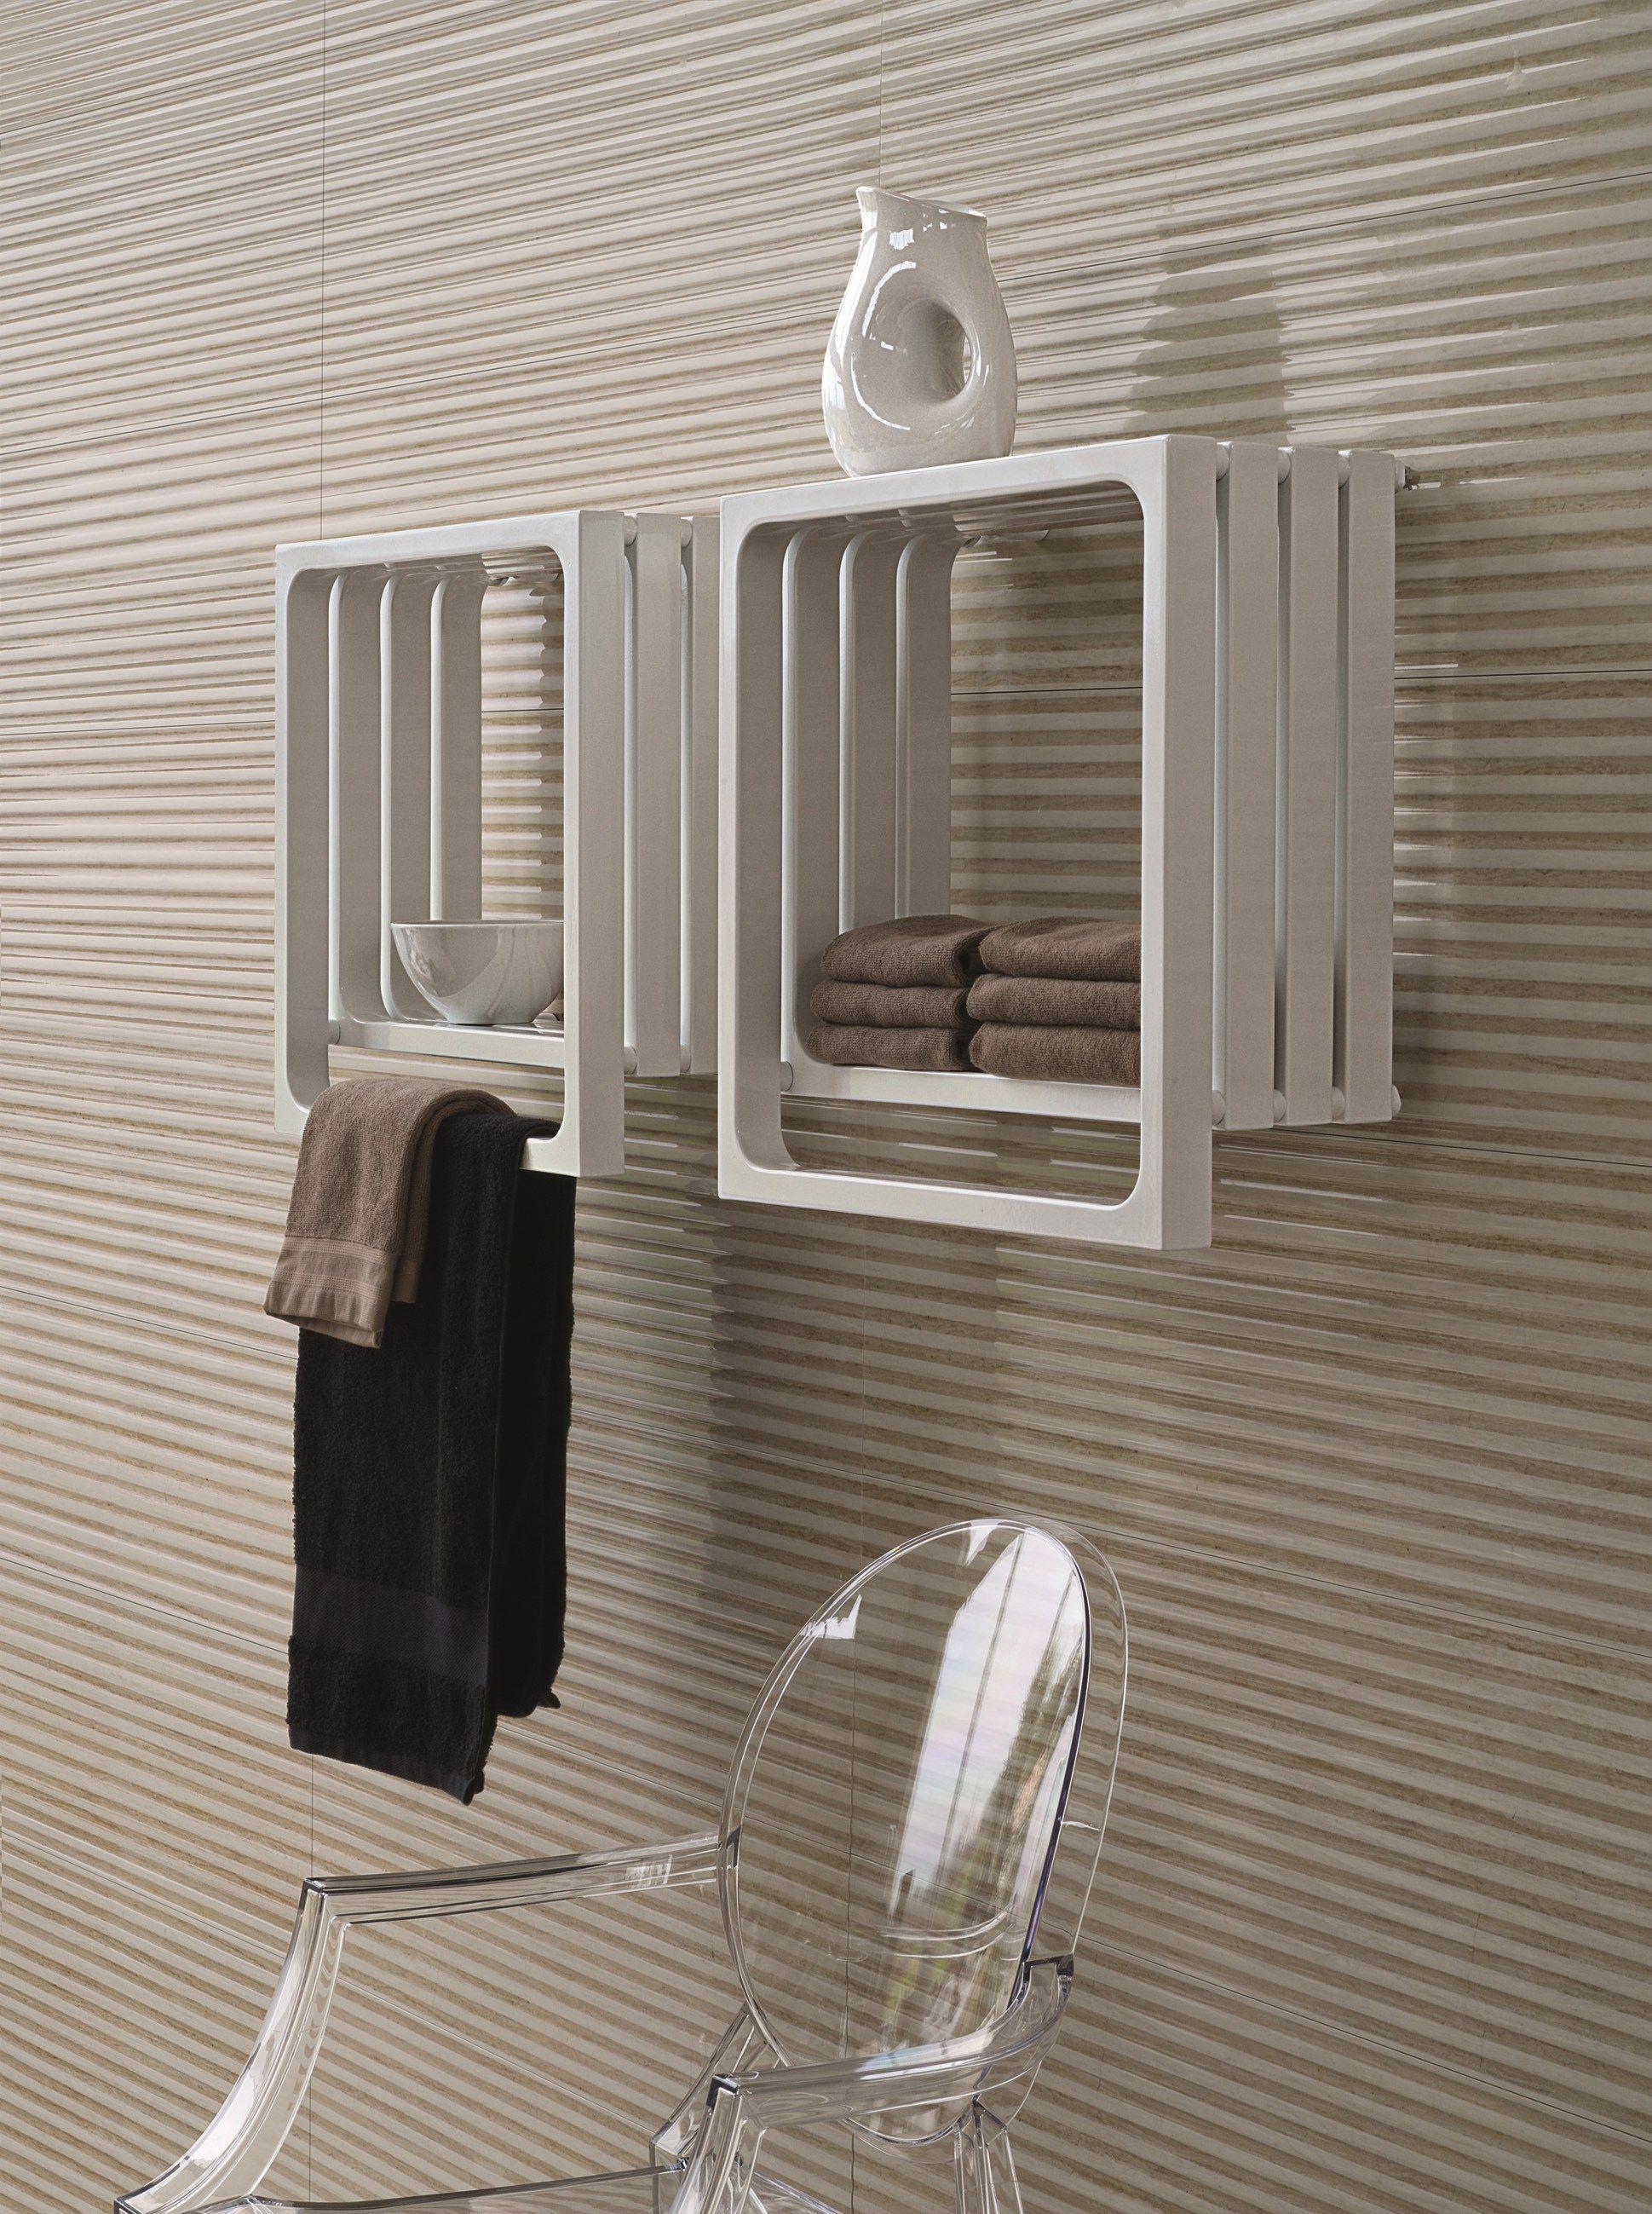 Montecarlo secatoallas by tubes radiatori dise o peter for Radiador secatoallas